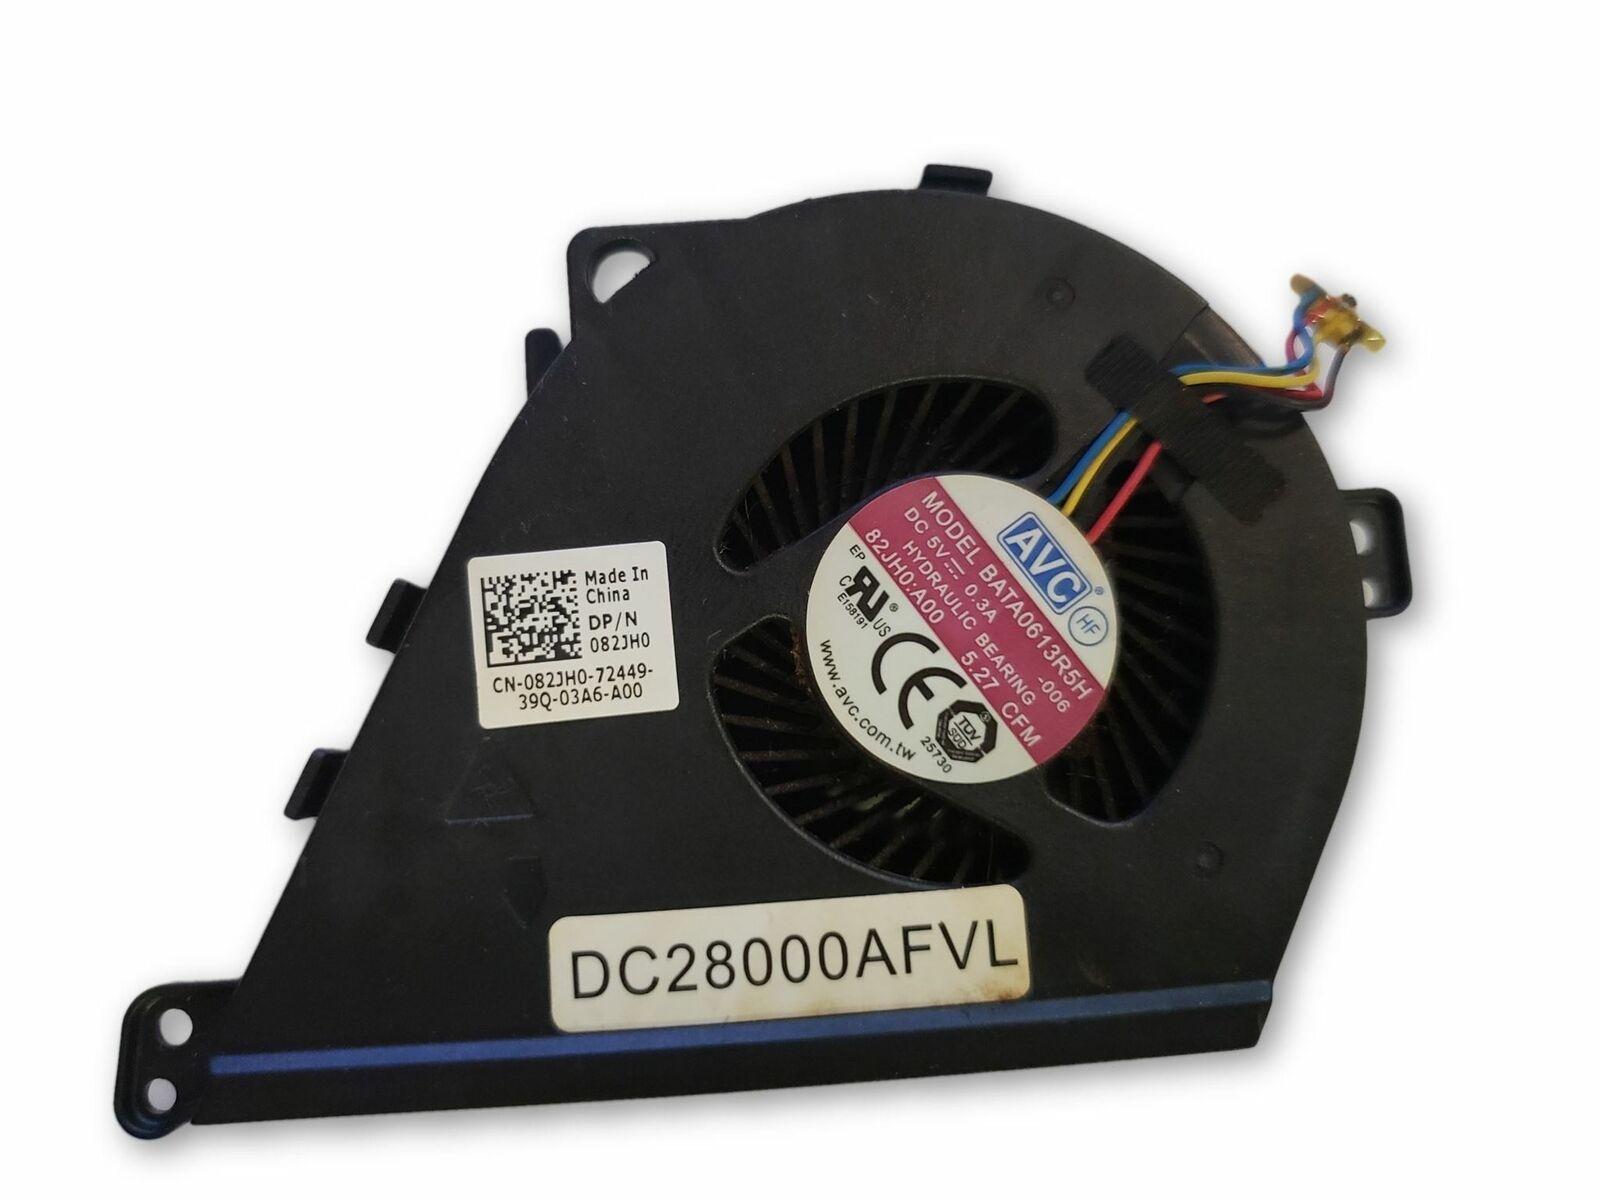 Genuine Dell Latitude E5430 CPU Cooling Fan 82JH0 - $6.92